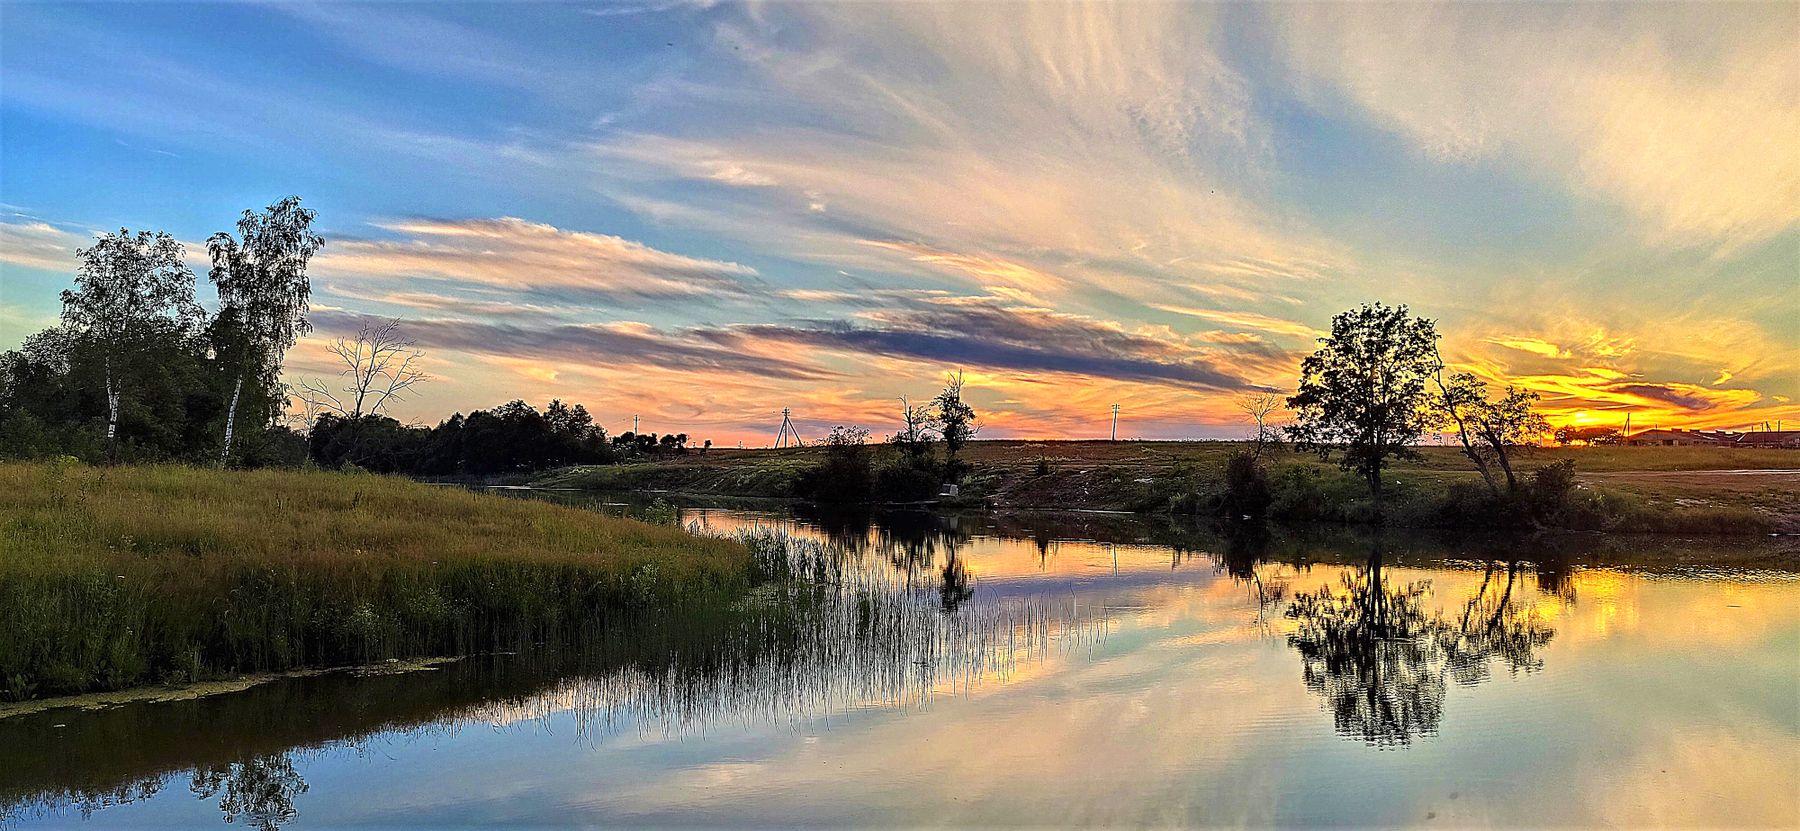 Июньский вечер солнце закат вечер облака